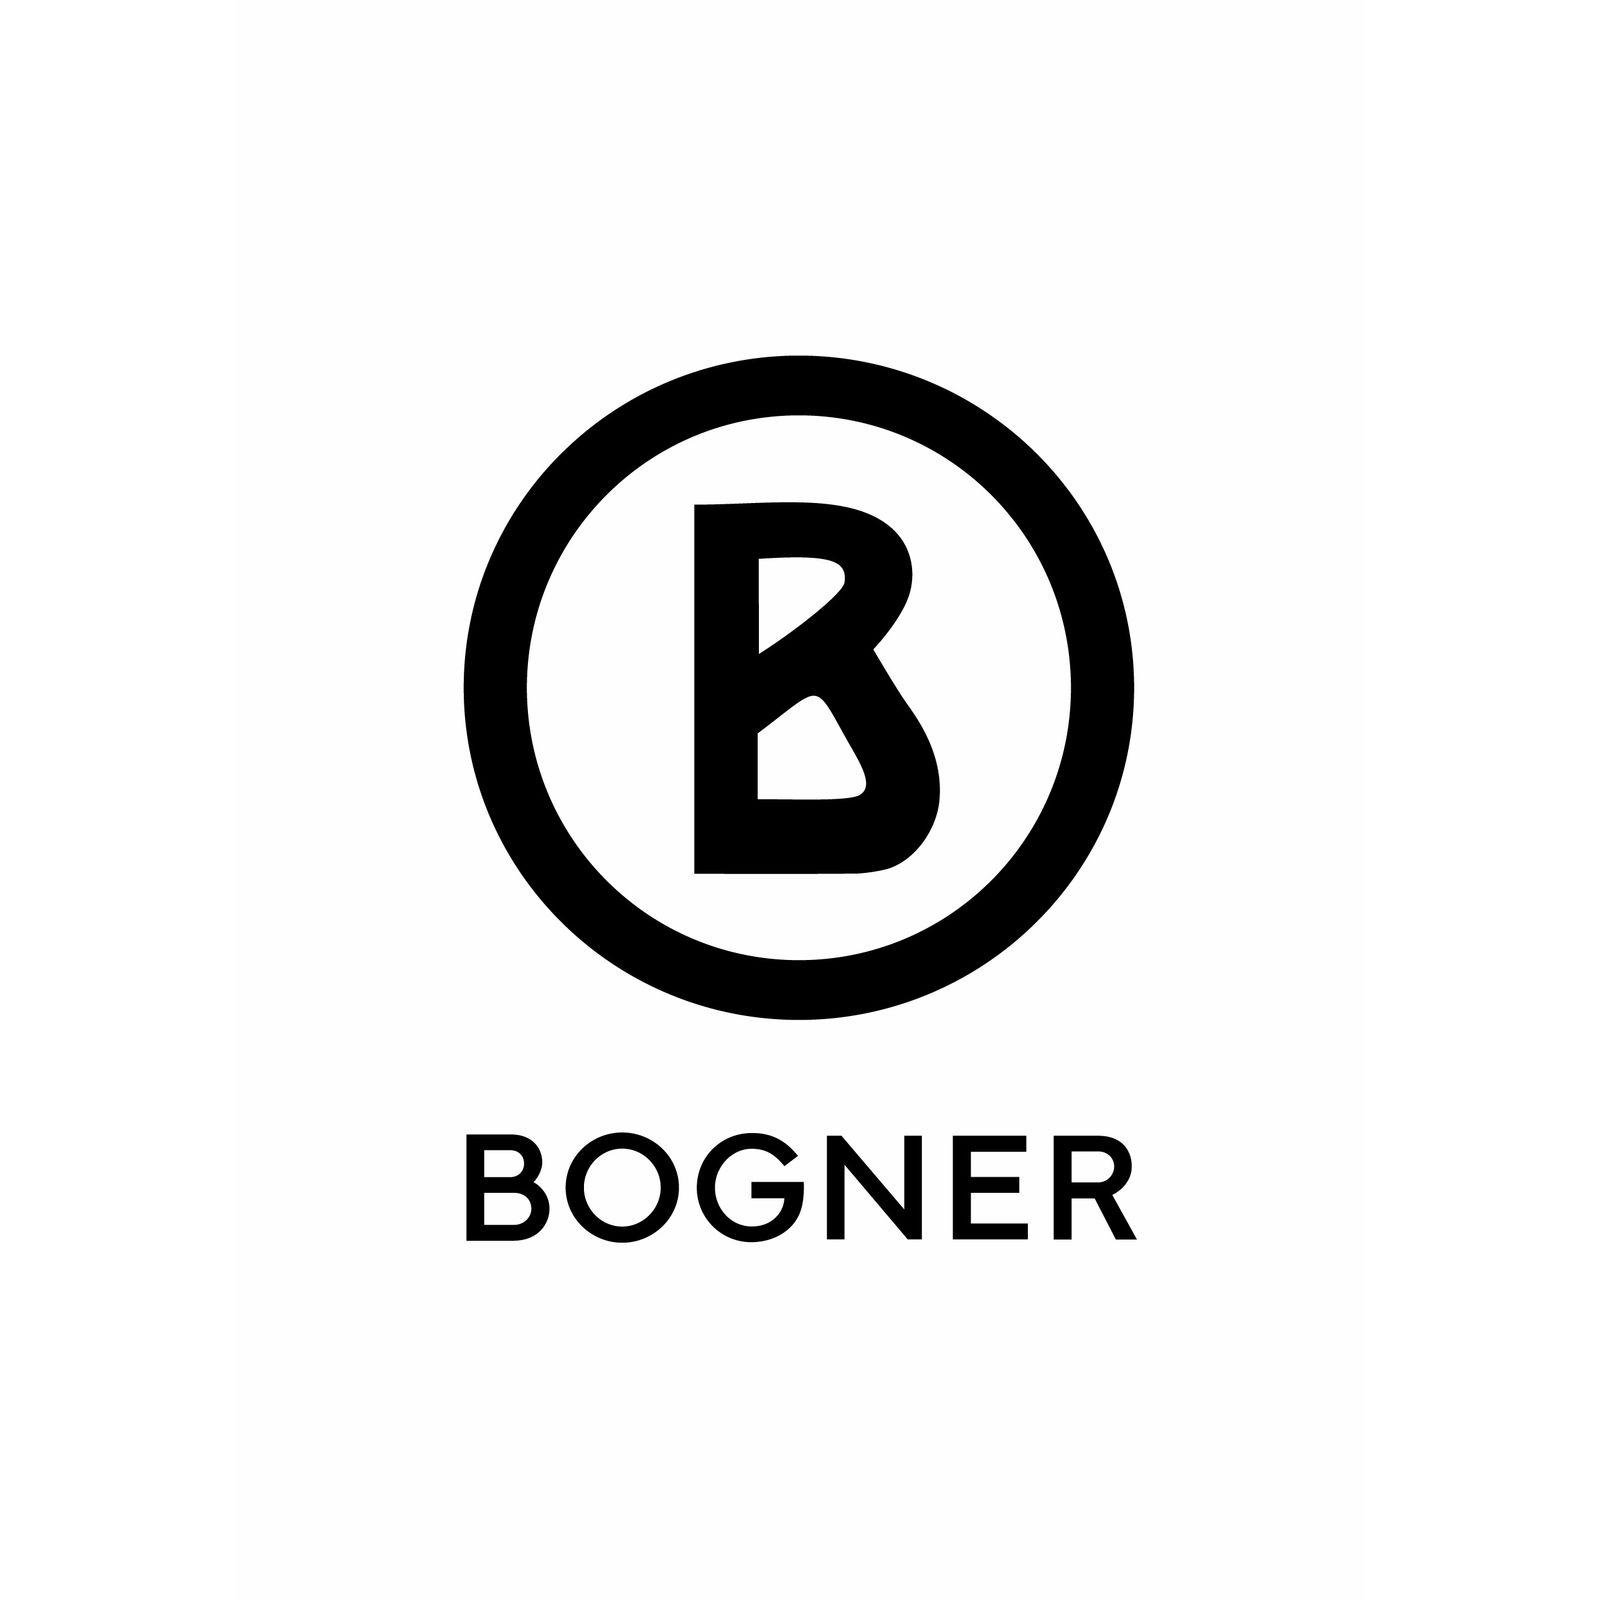 BOGNER Eyewear (Image 1)